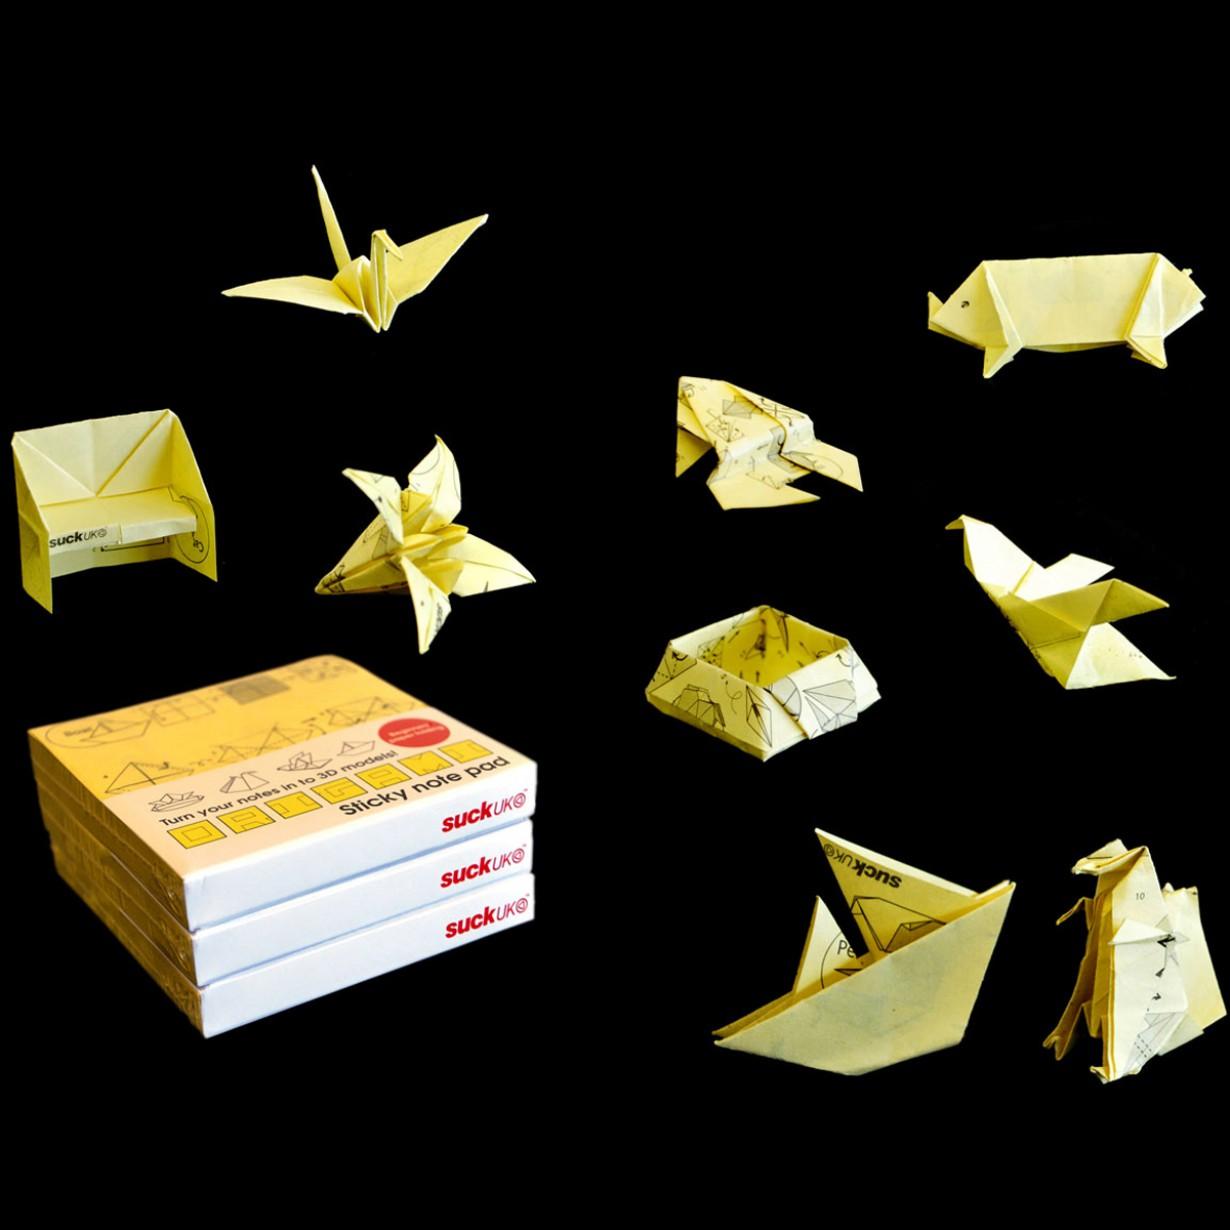 adventskalender fuellen origami notizblatter 3c9 der. Black Bedroom Furniture Sets. Home Design Ideas